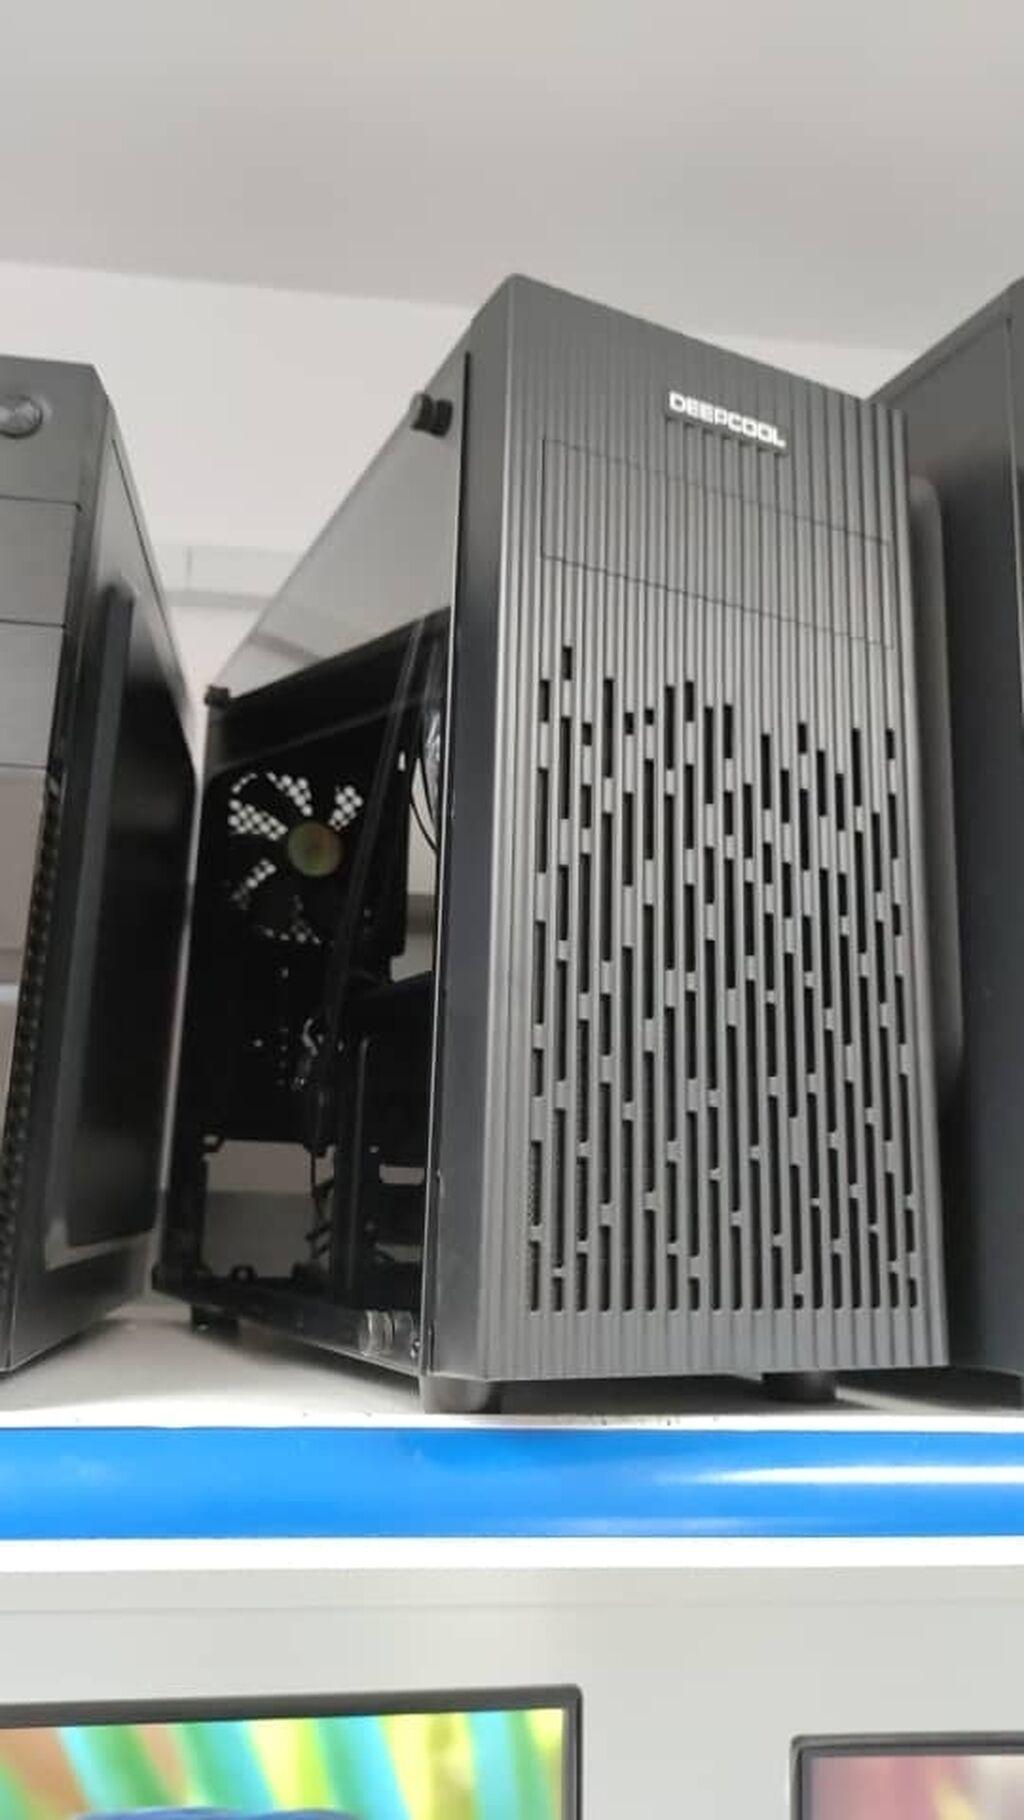 Игровые компьютеры дёшево!: Игровые компьютеры дёшево!